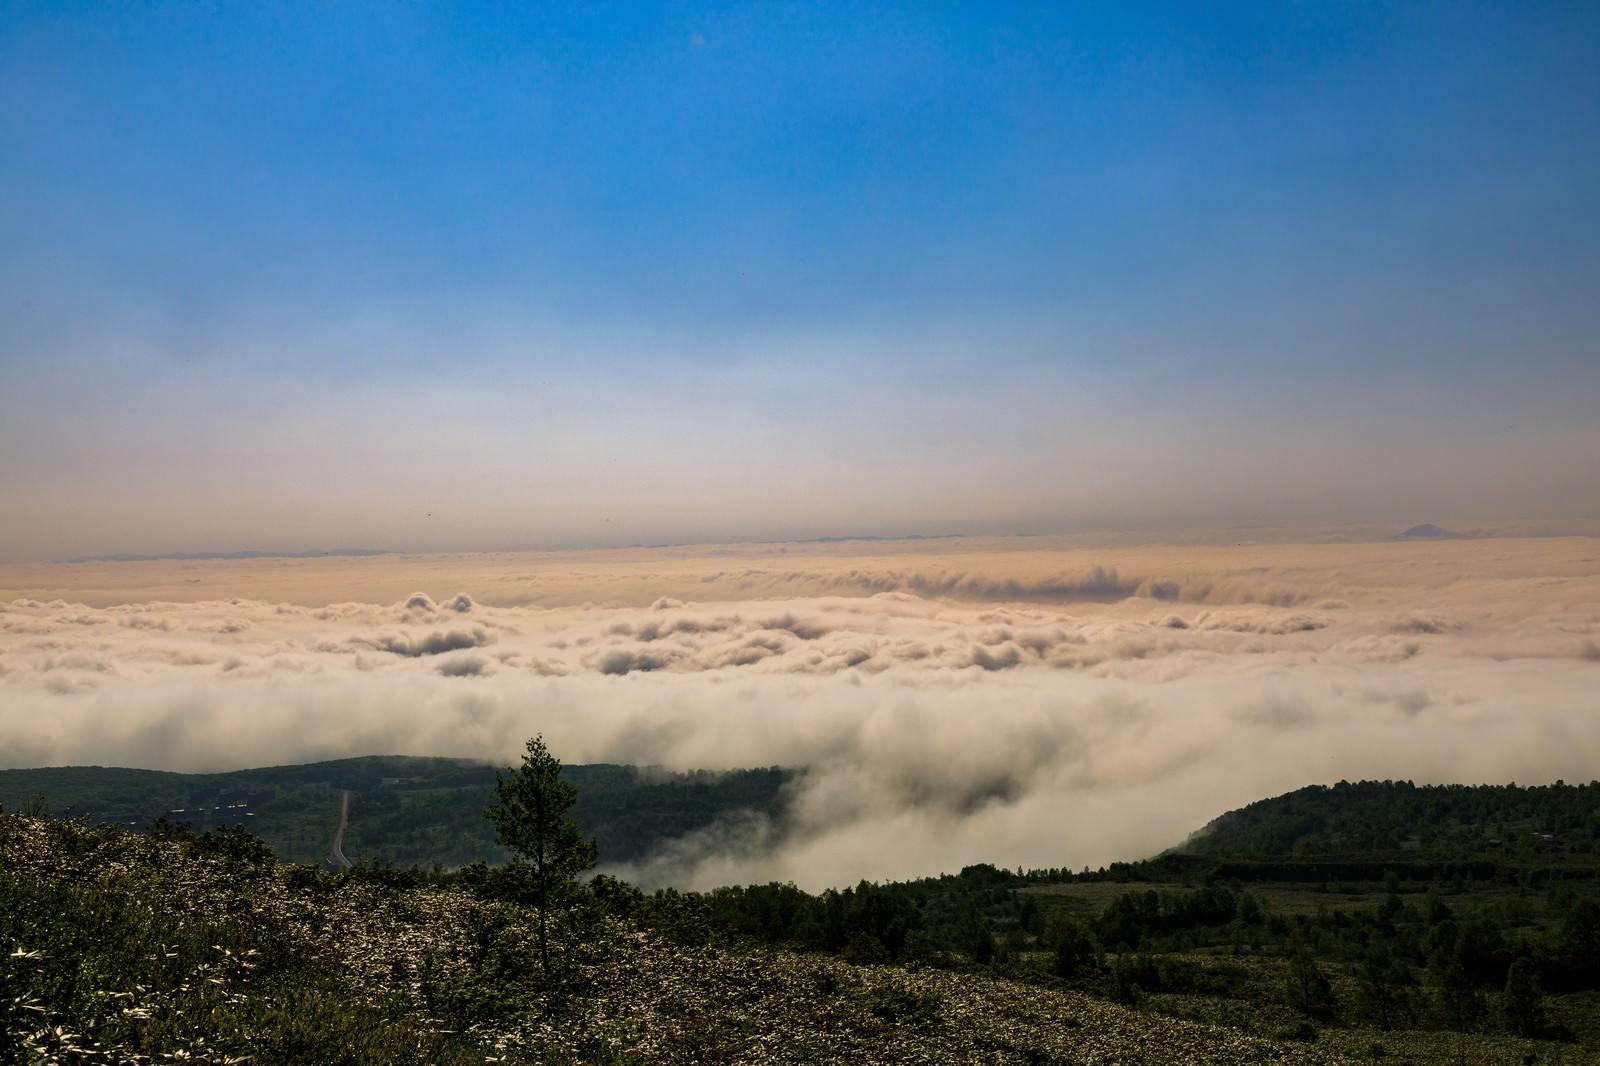 「八幡平と眼下に広がる雲海」の写真